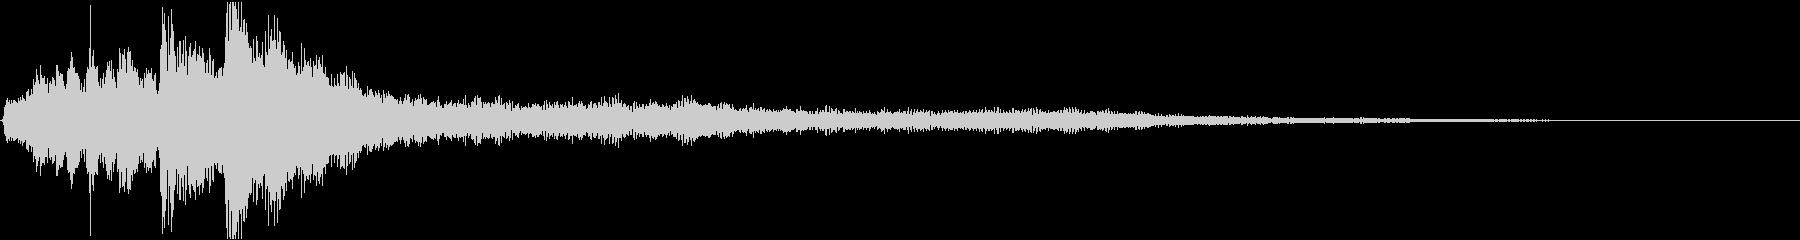 ローファイ・ドキュメンタル風ピアノの未再生の波形